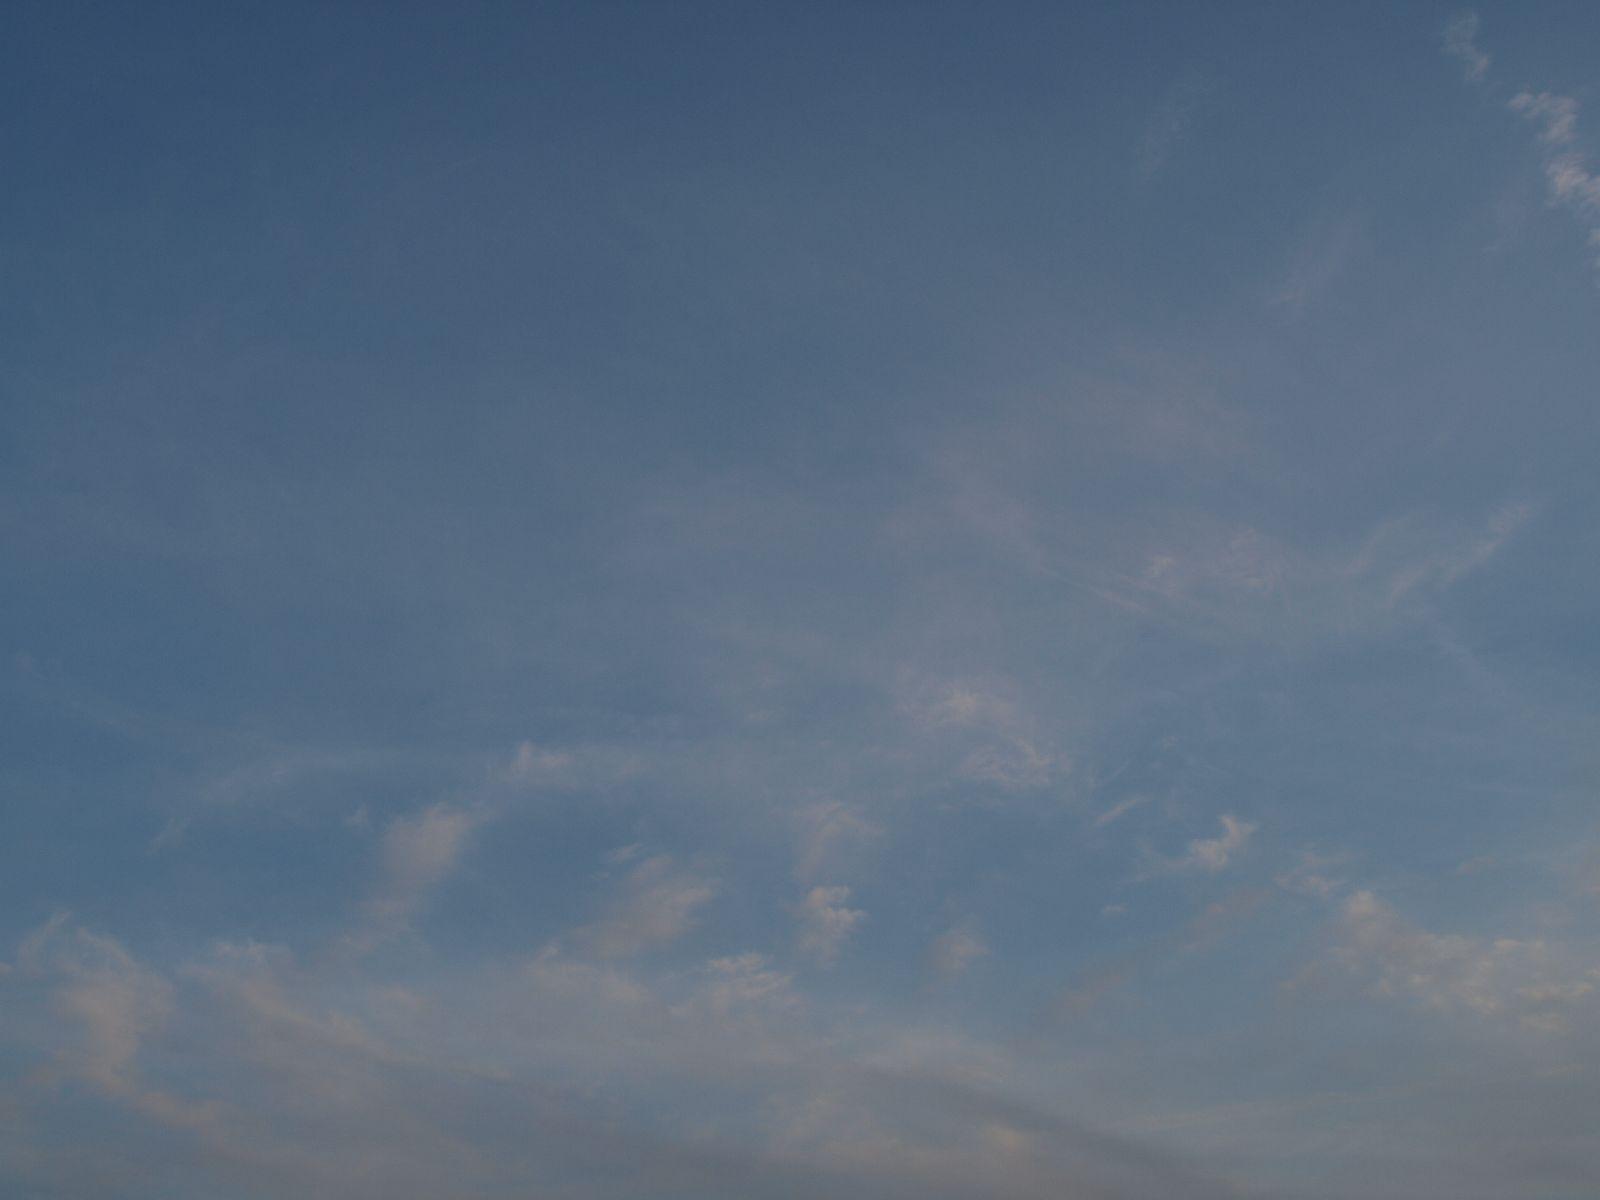 Himmel-Wolken-Foto_Textur_A_P4171364